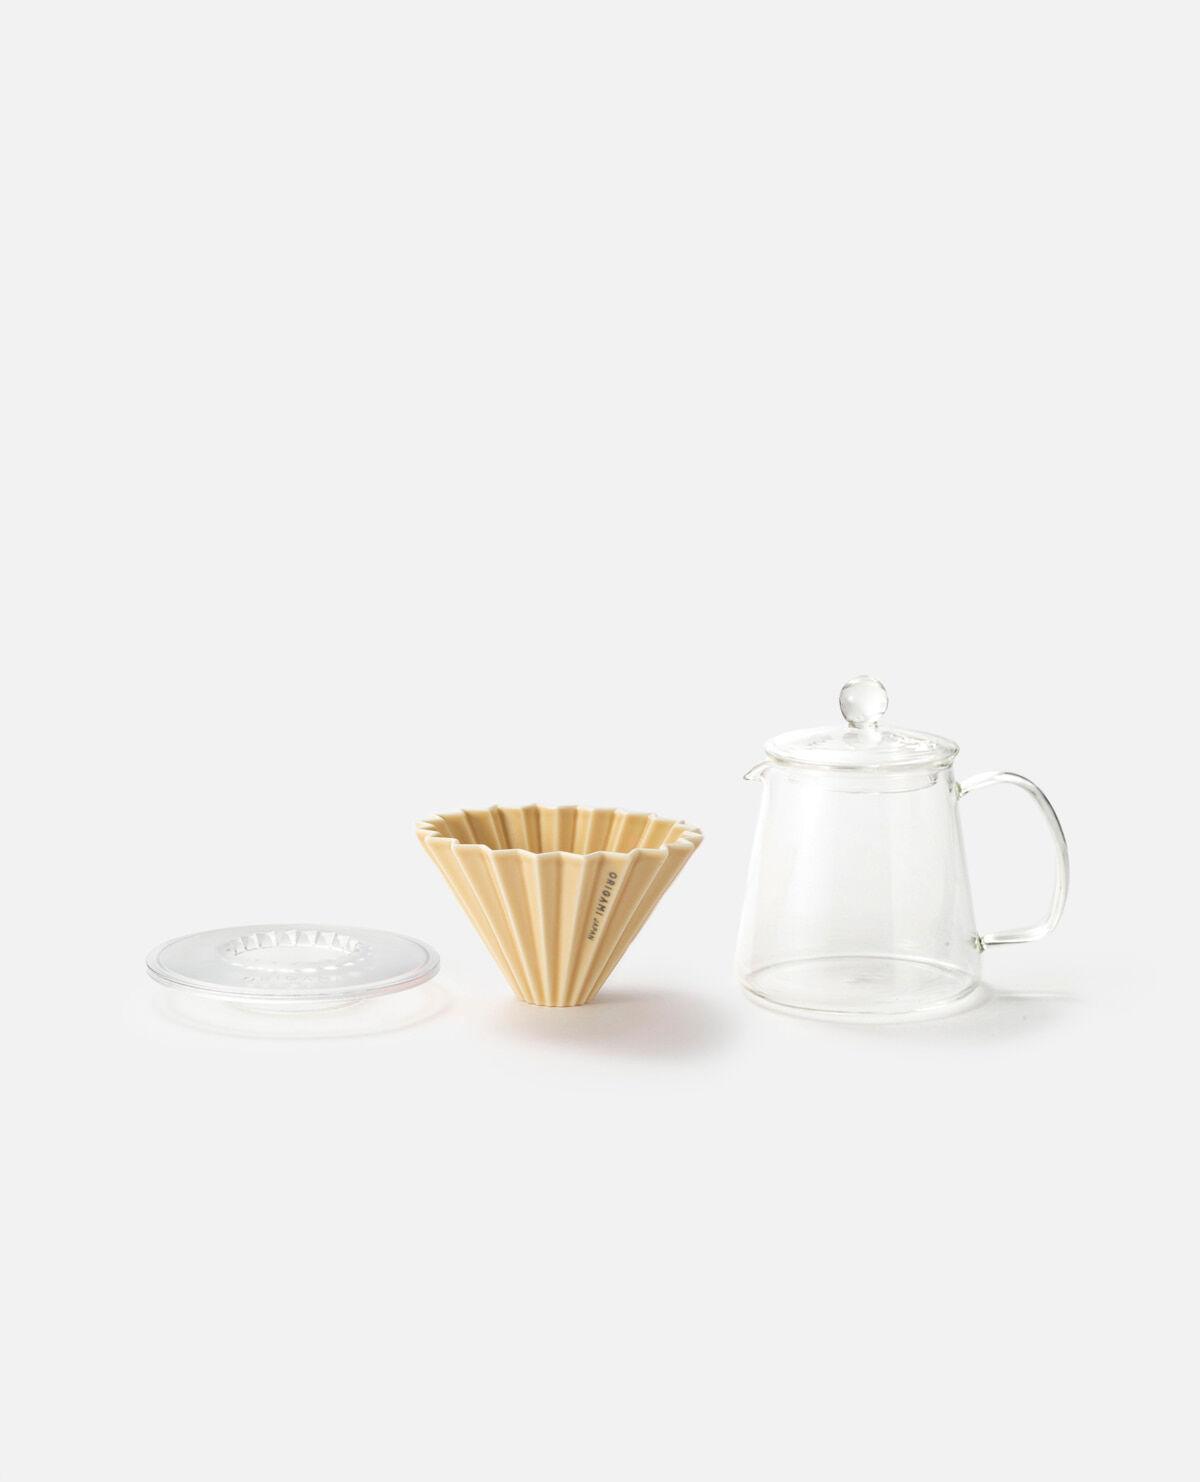 25ハンドドリップコーヒー スターターセット マットベージュ